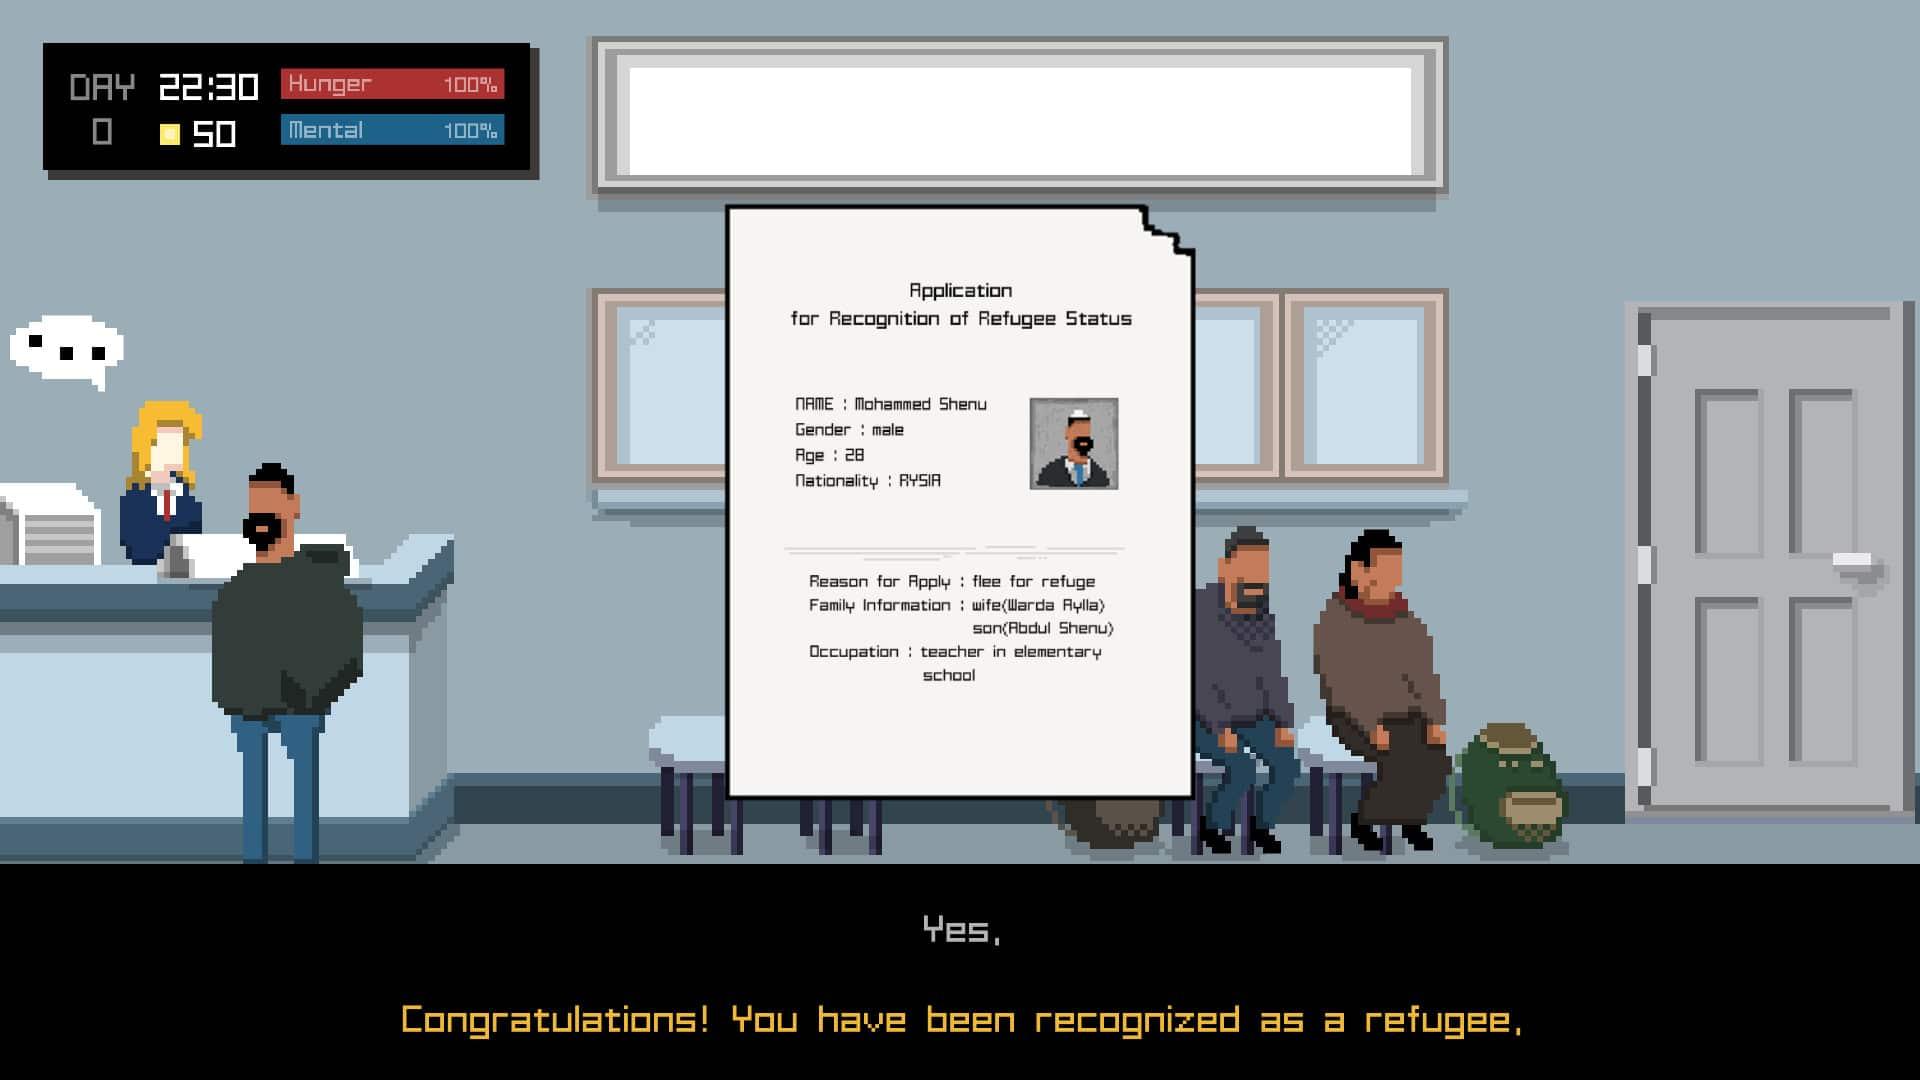 ingilizce bilgisayar oyunu